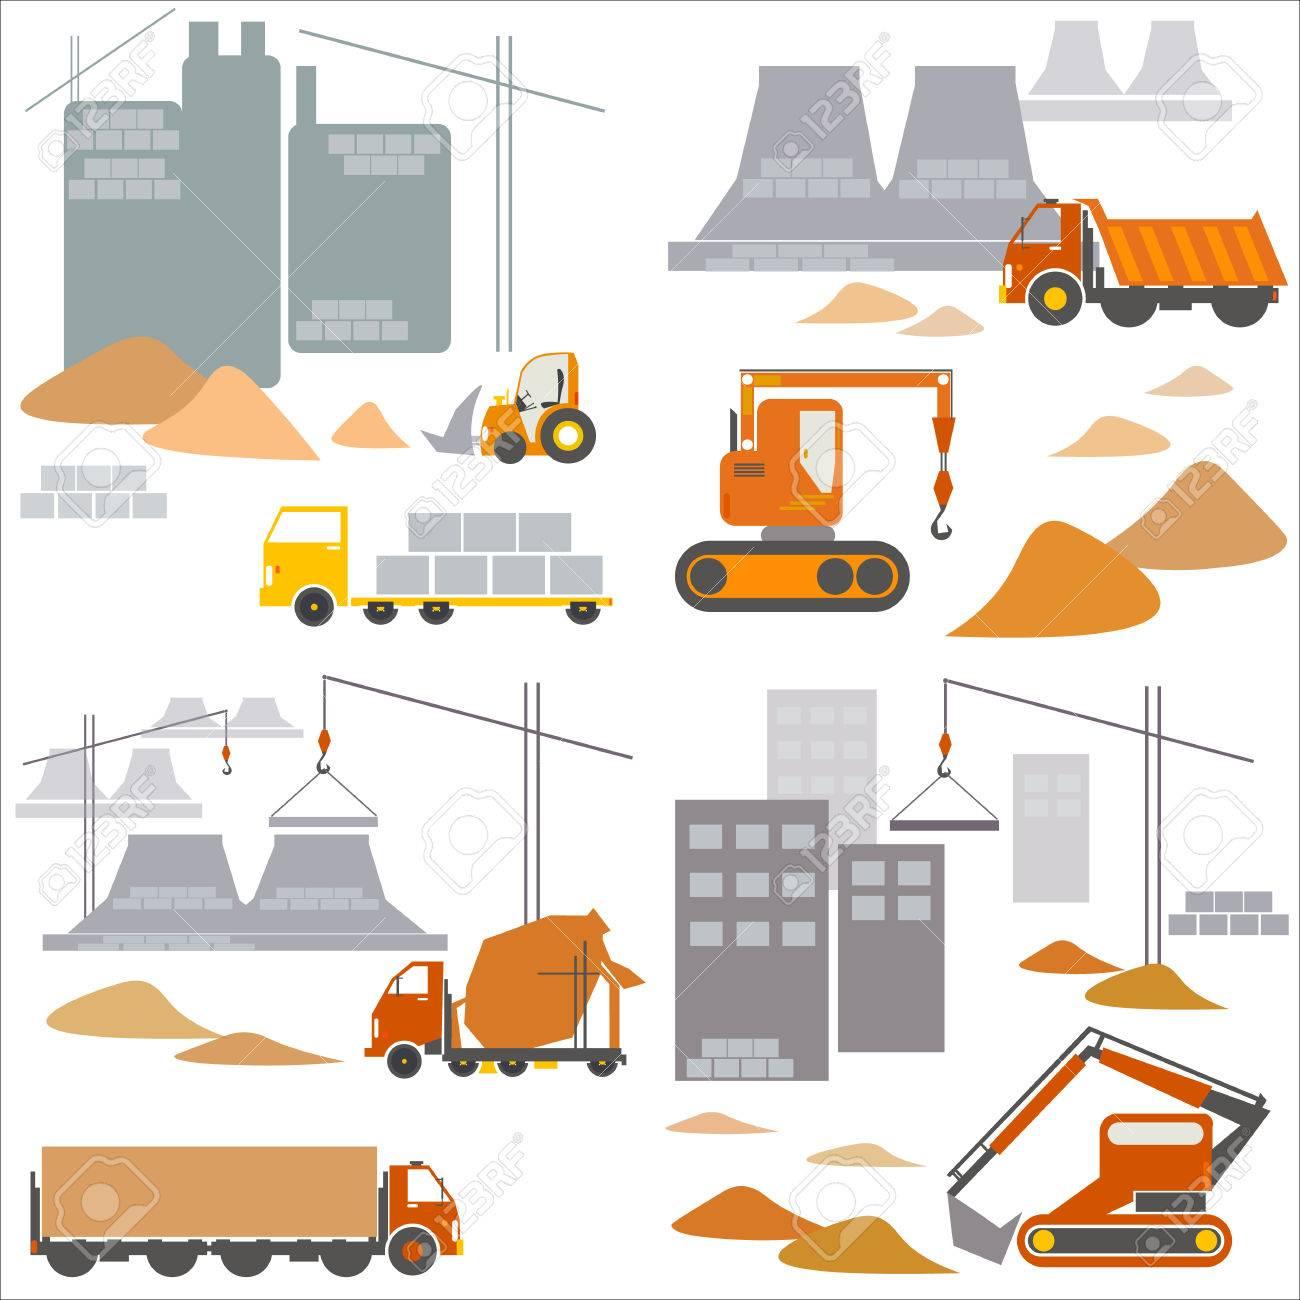 輸送業および建設工事現場ベクトル イラストのイラスト素材ベクタ